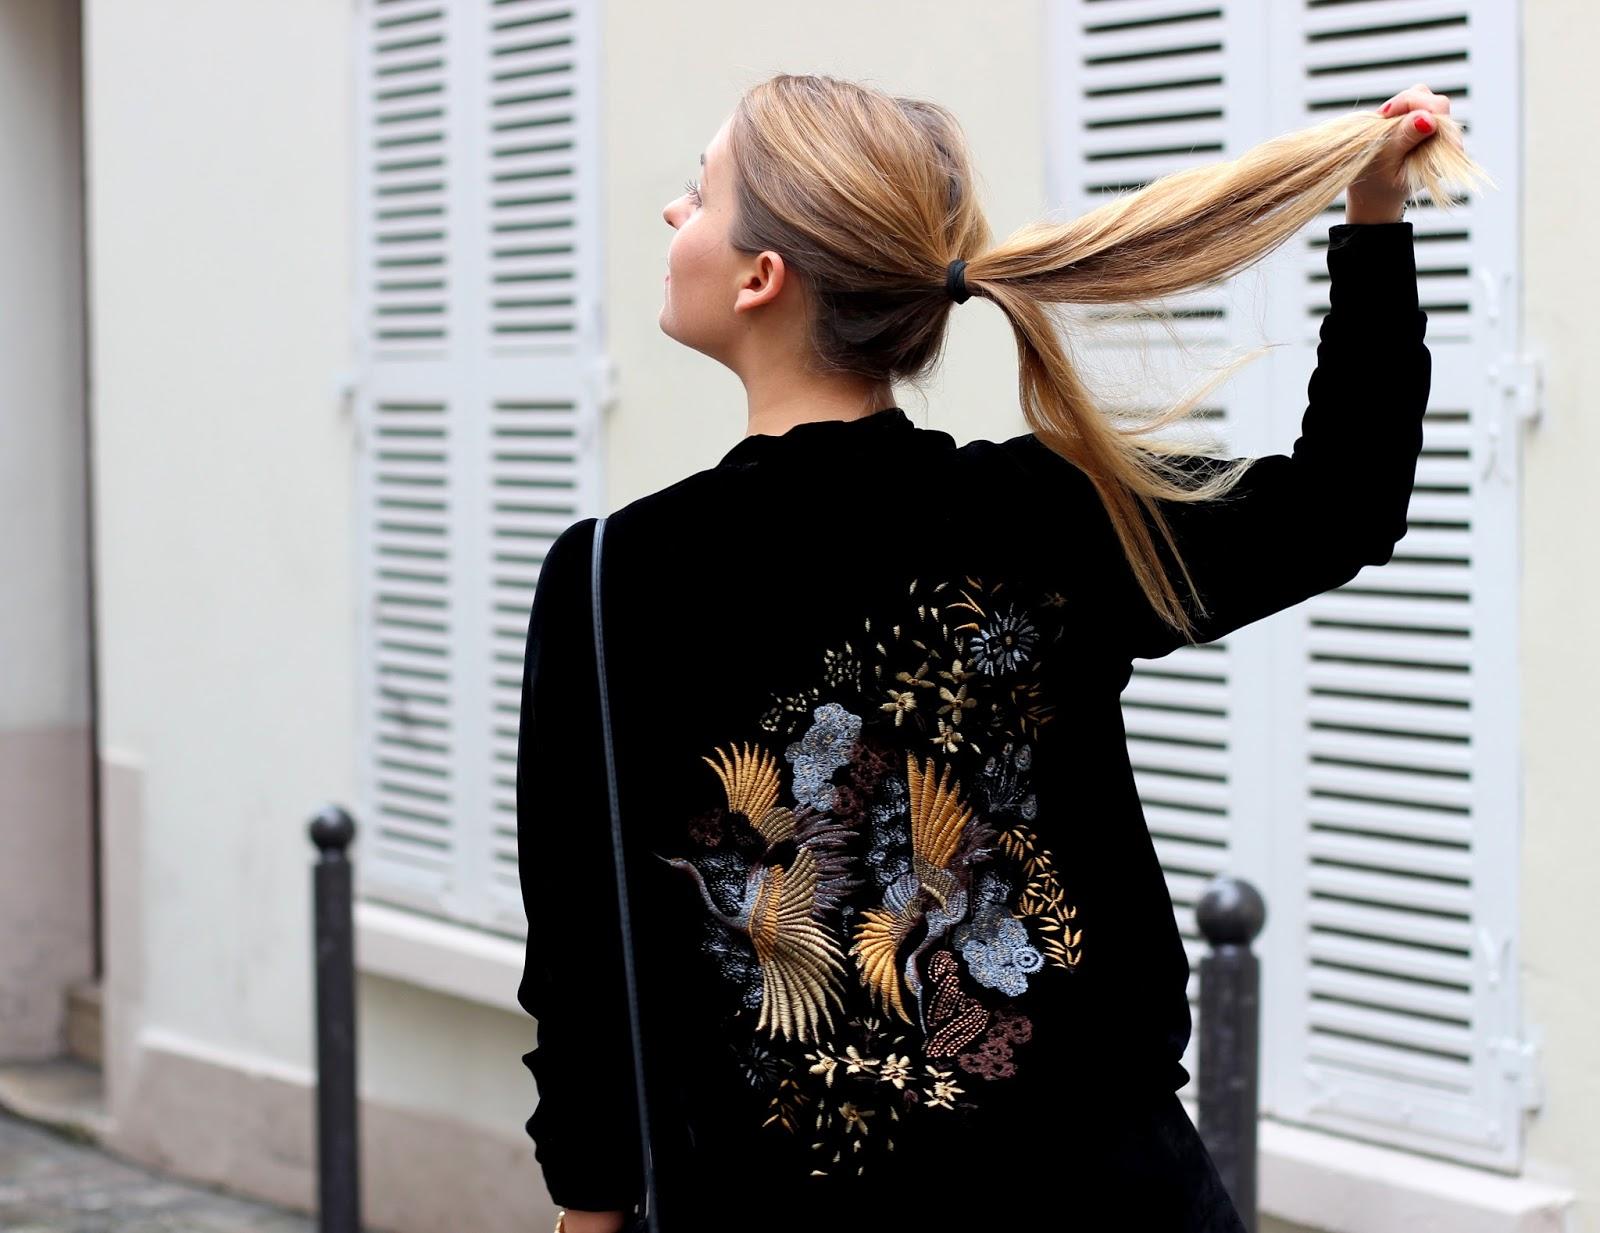 Tendances Et Paris Blog Lapetitepauline Les Entre Lille Mode BUwPqxnq4